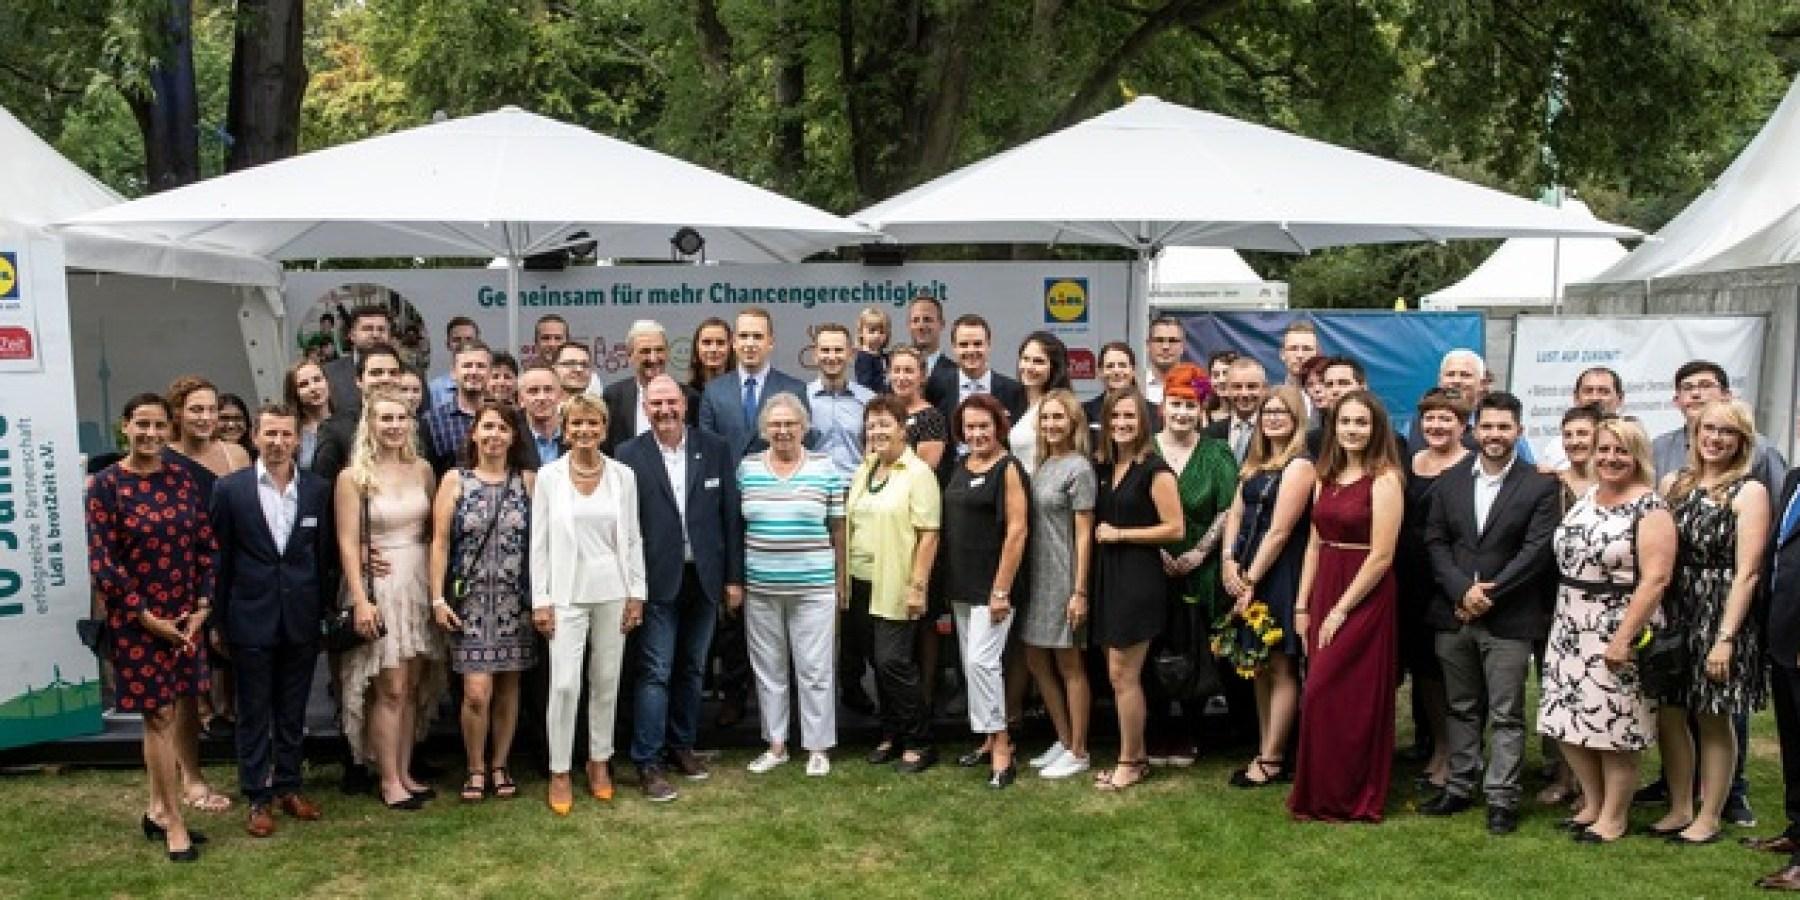 Bürgerfest im Schloss Bellevue: Bundespräsident würdigt Ehrenamtliche